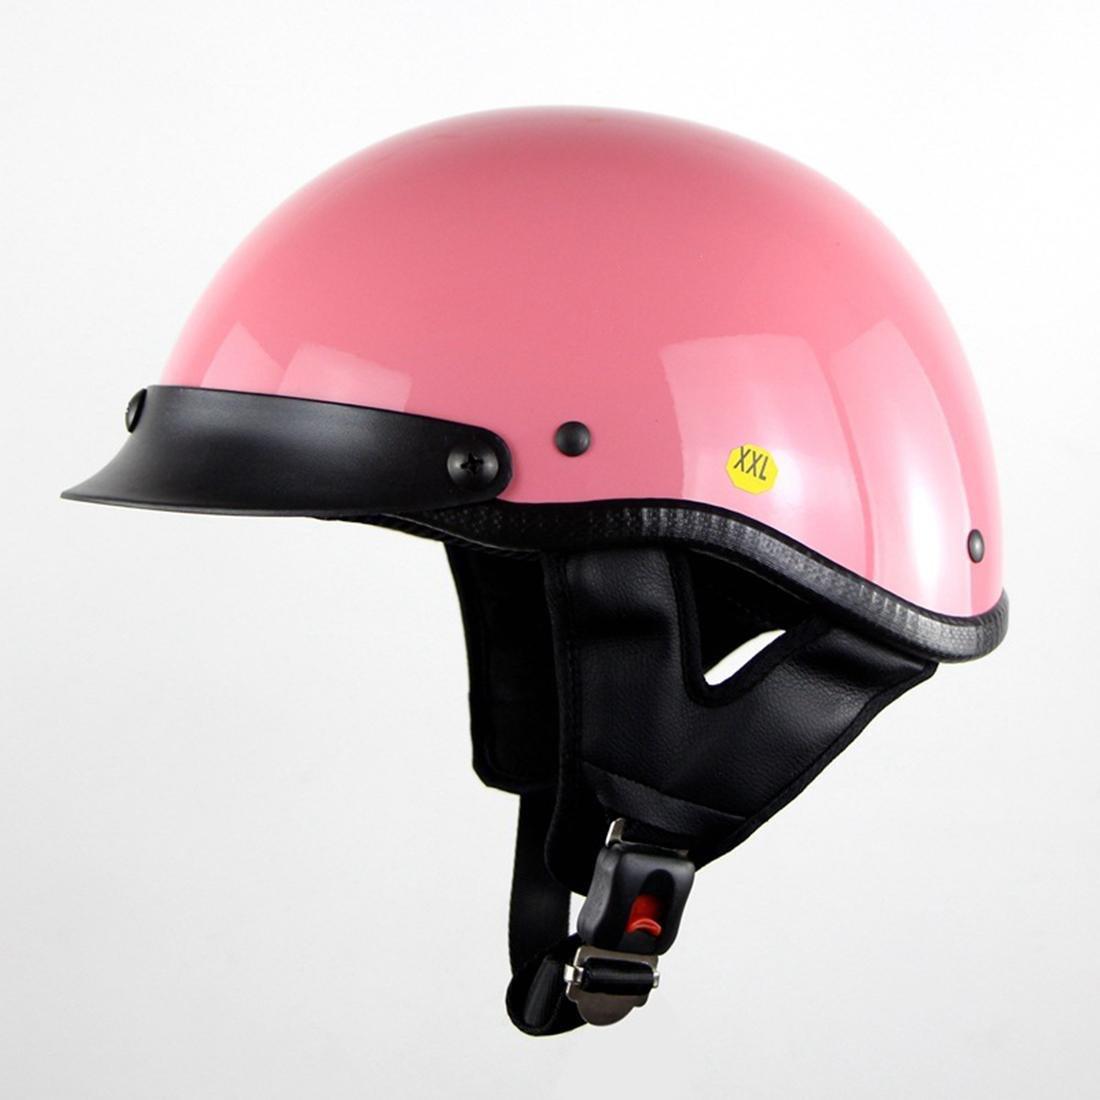 Halley Motorrad Helm Rennrad Helm für Erwachsene Männer Frauen, Teen Jungen Mädchen 1,0 kg